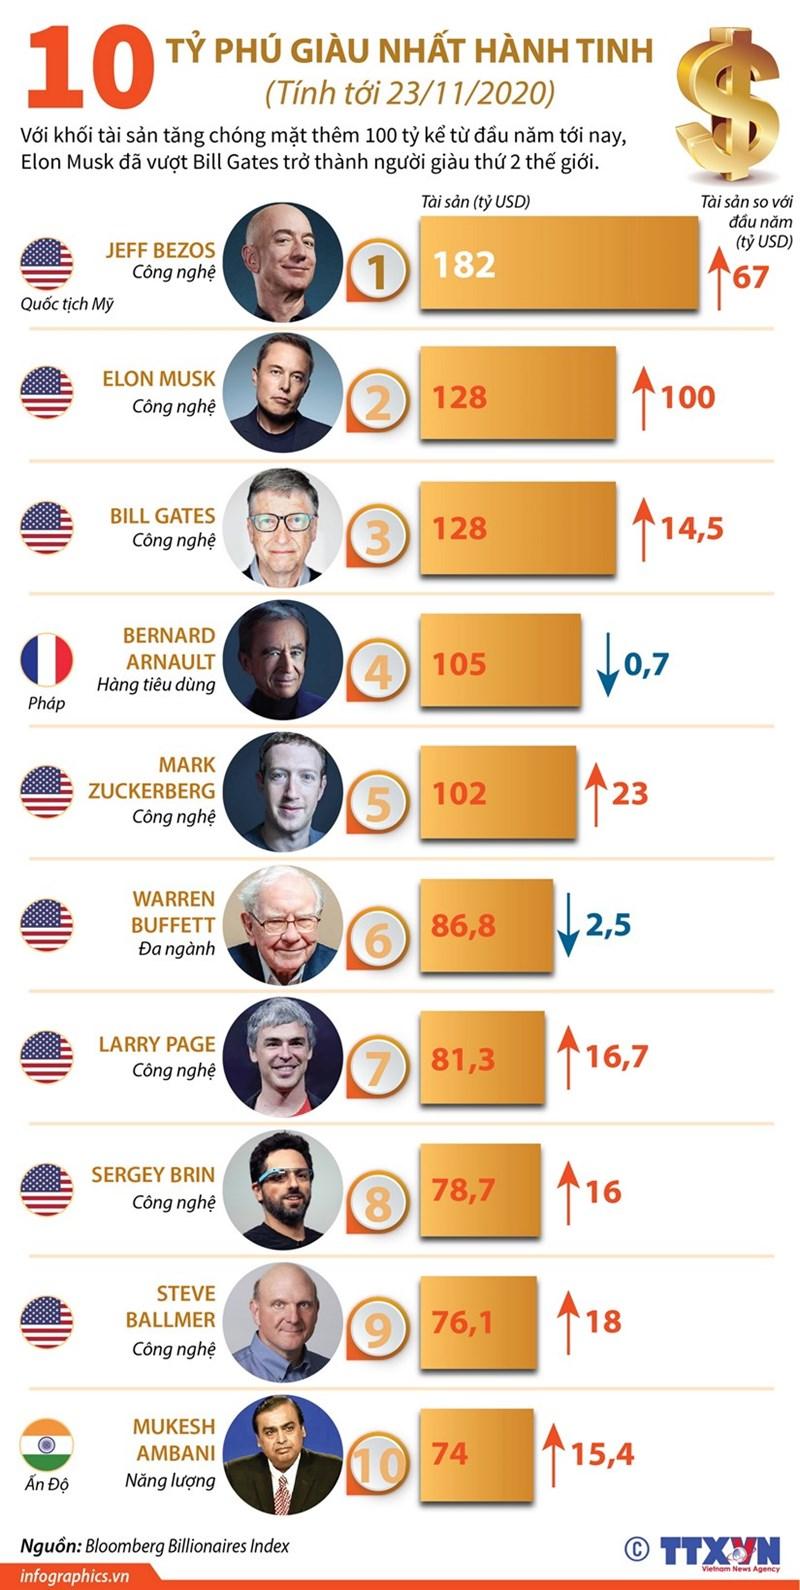 [Infographics] Điểm mặt 10 tỷ phú giàu nhất hành tinh - Ảnh 1